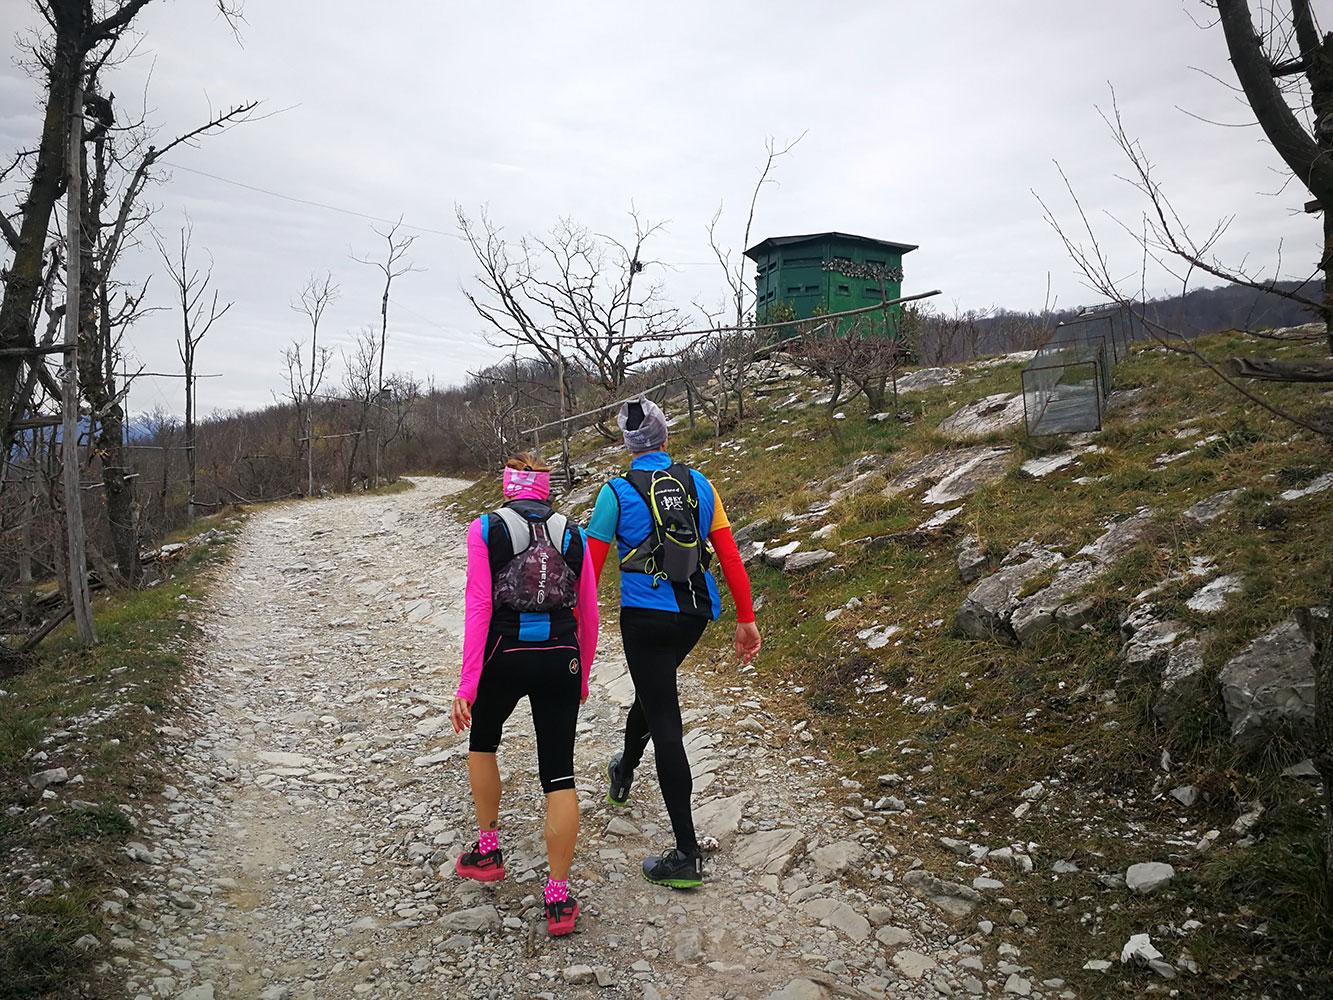 trailrunning-monte-alto-franciacorta